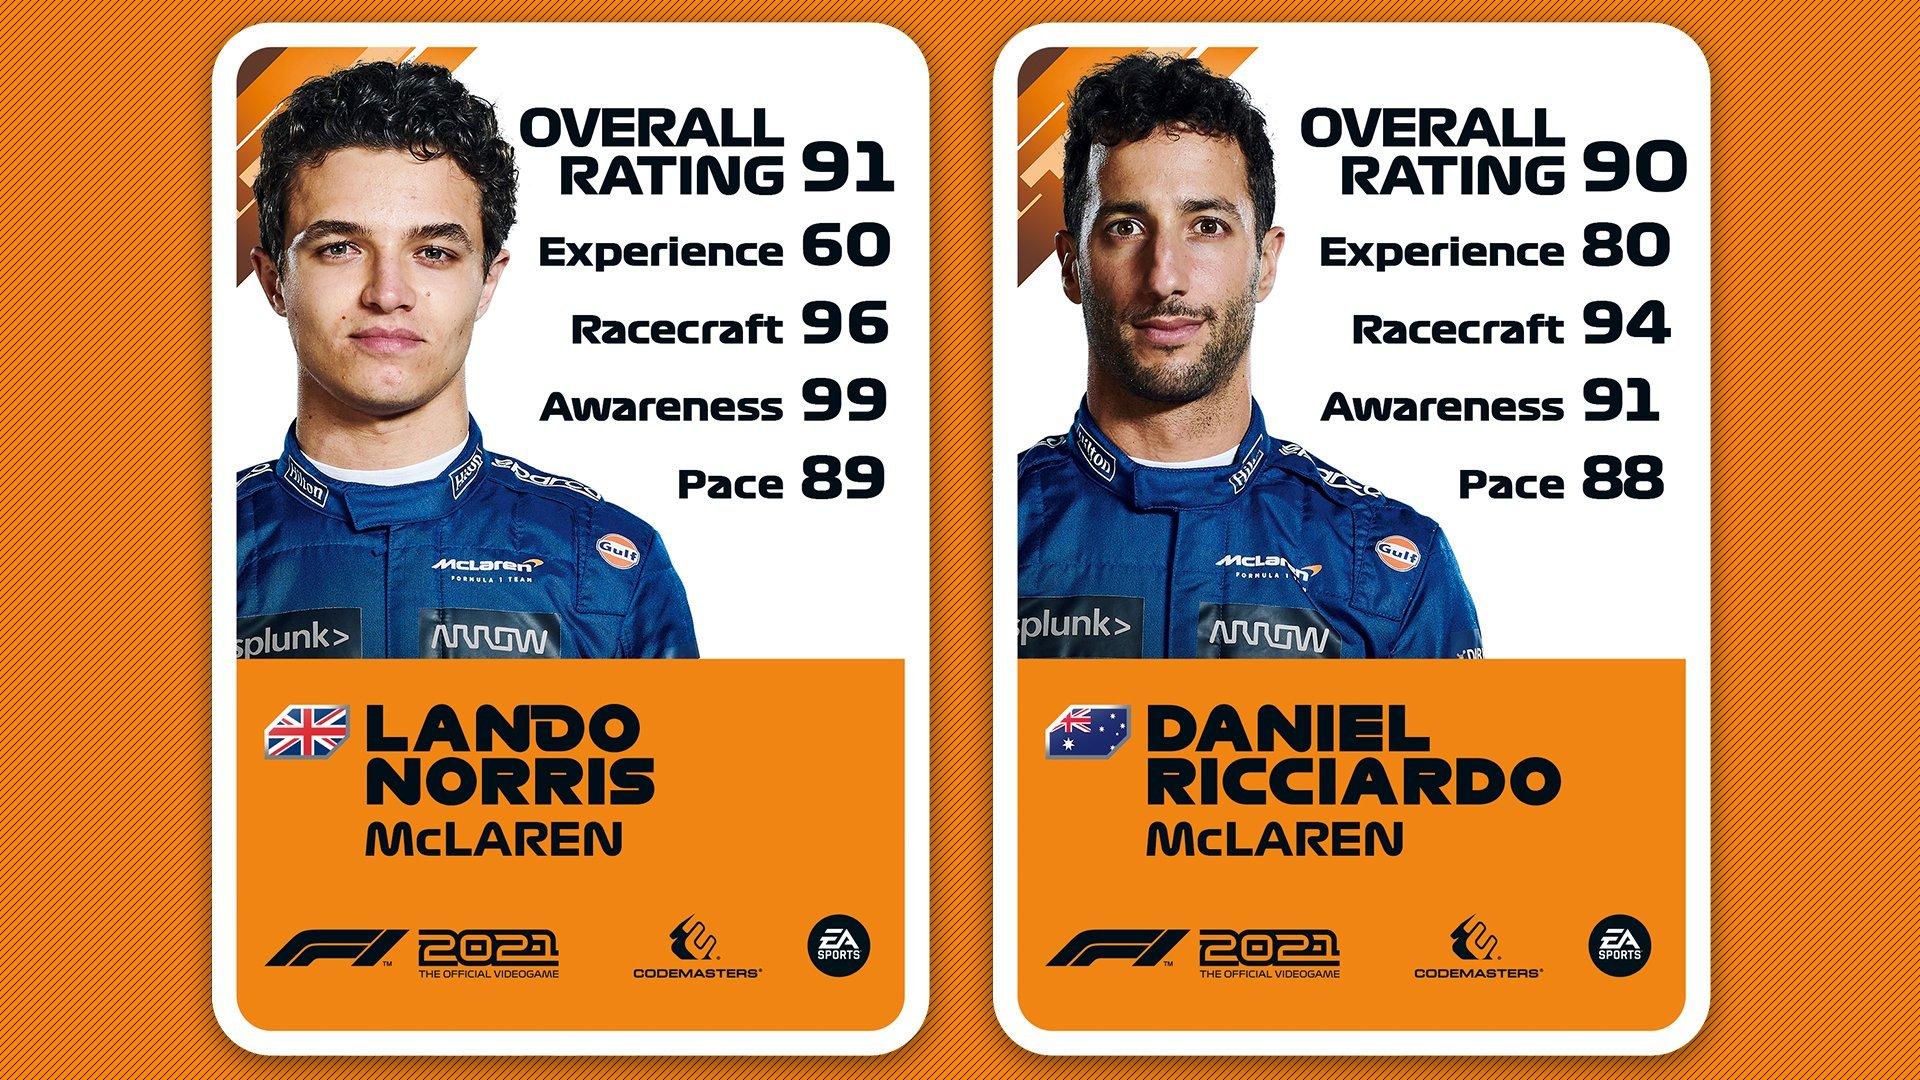 マクラーレン - F1 2021 ドライバーレーティング